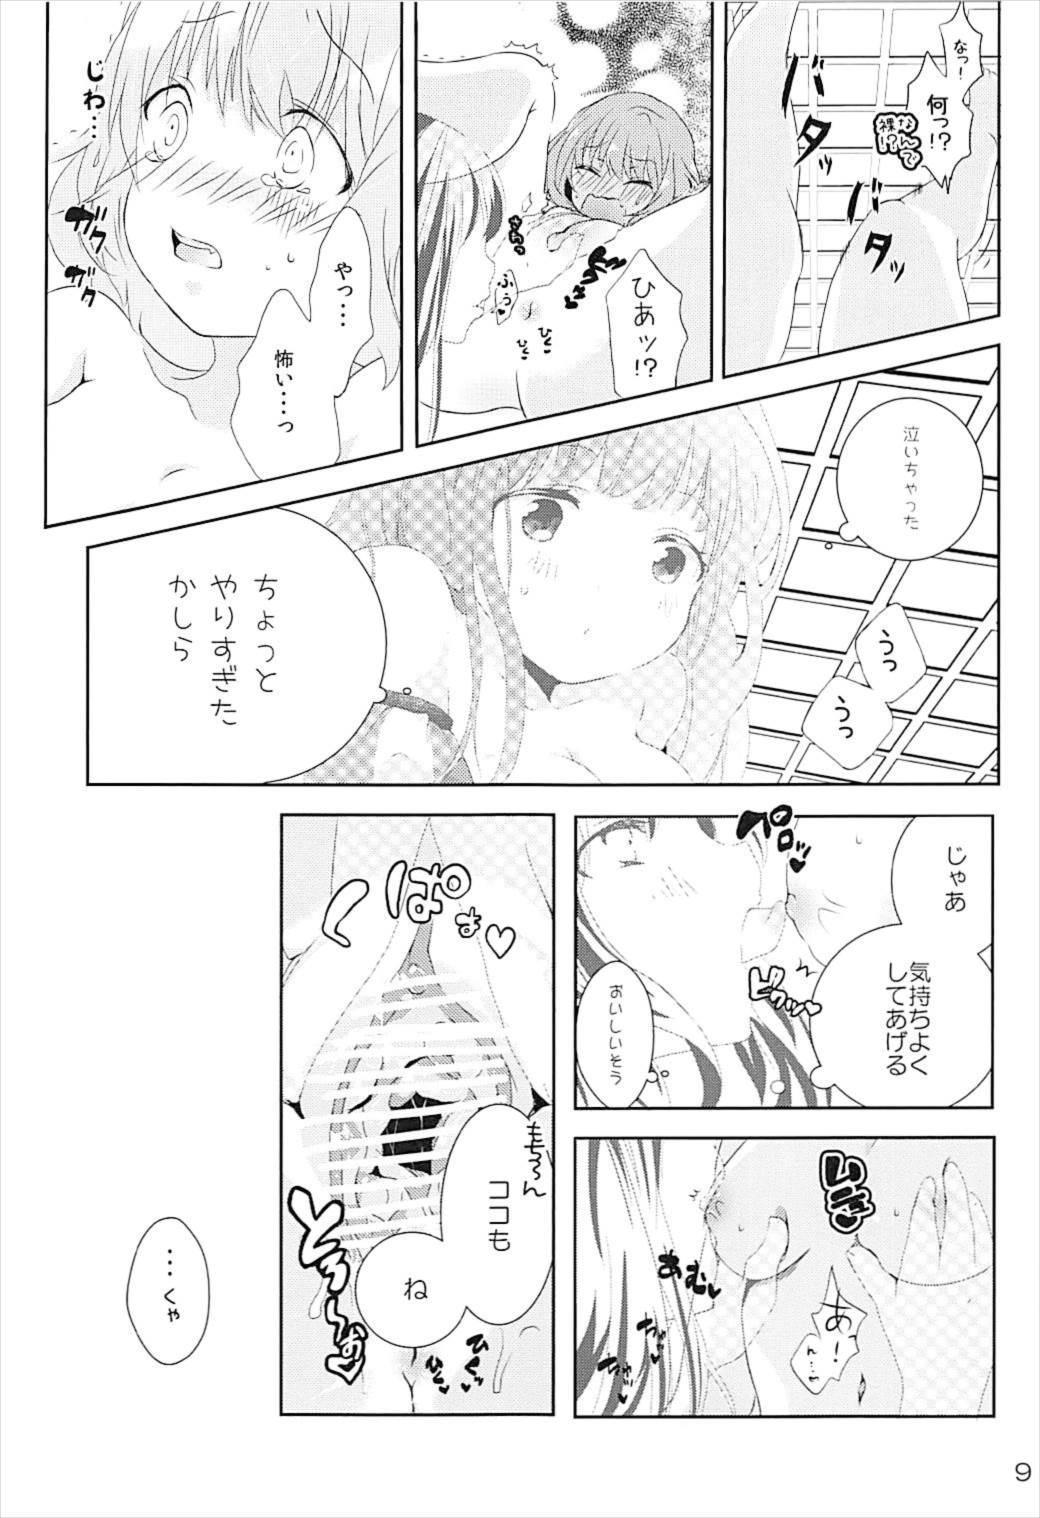 Toumei Ningen ni Natta no de, Itazura Shi ni Iku Hanashi. 7